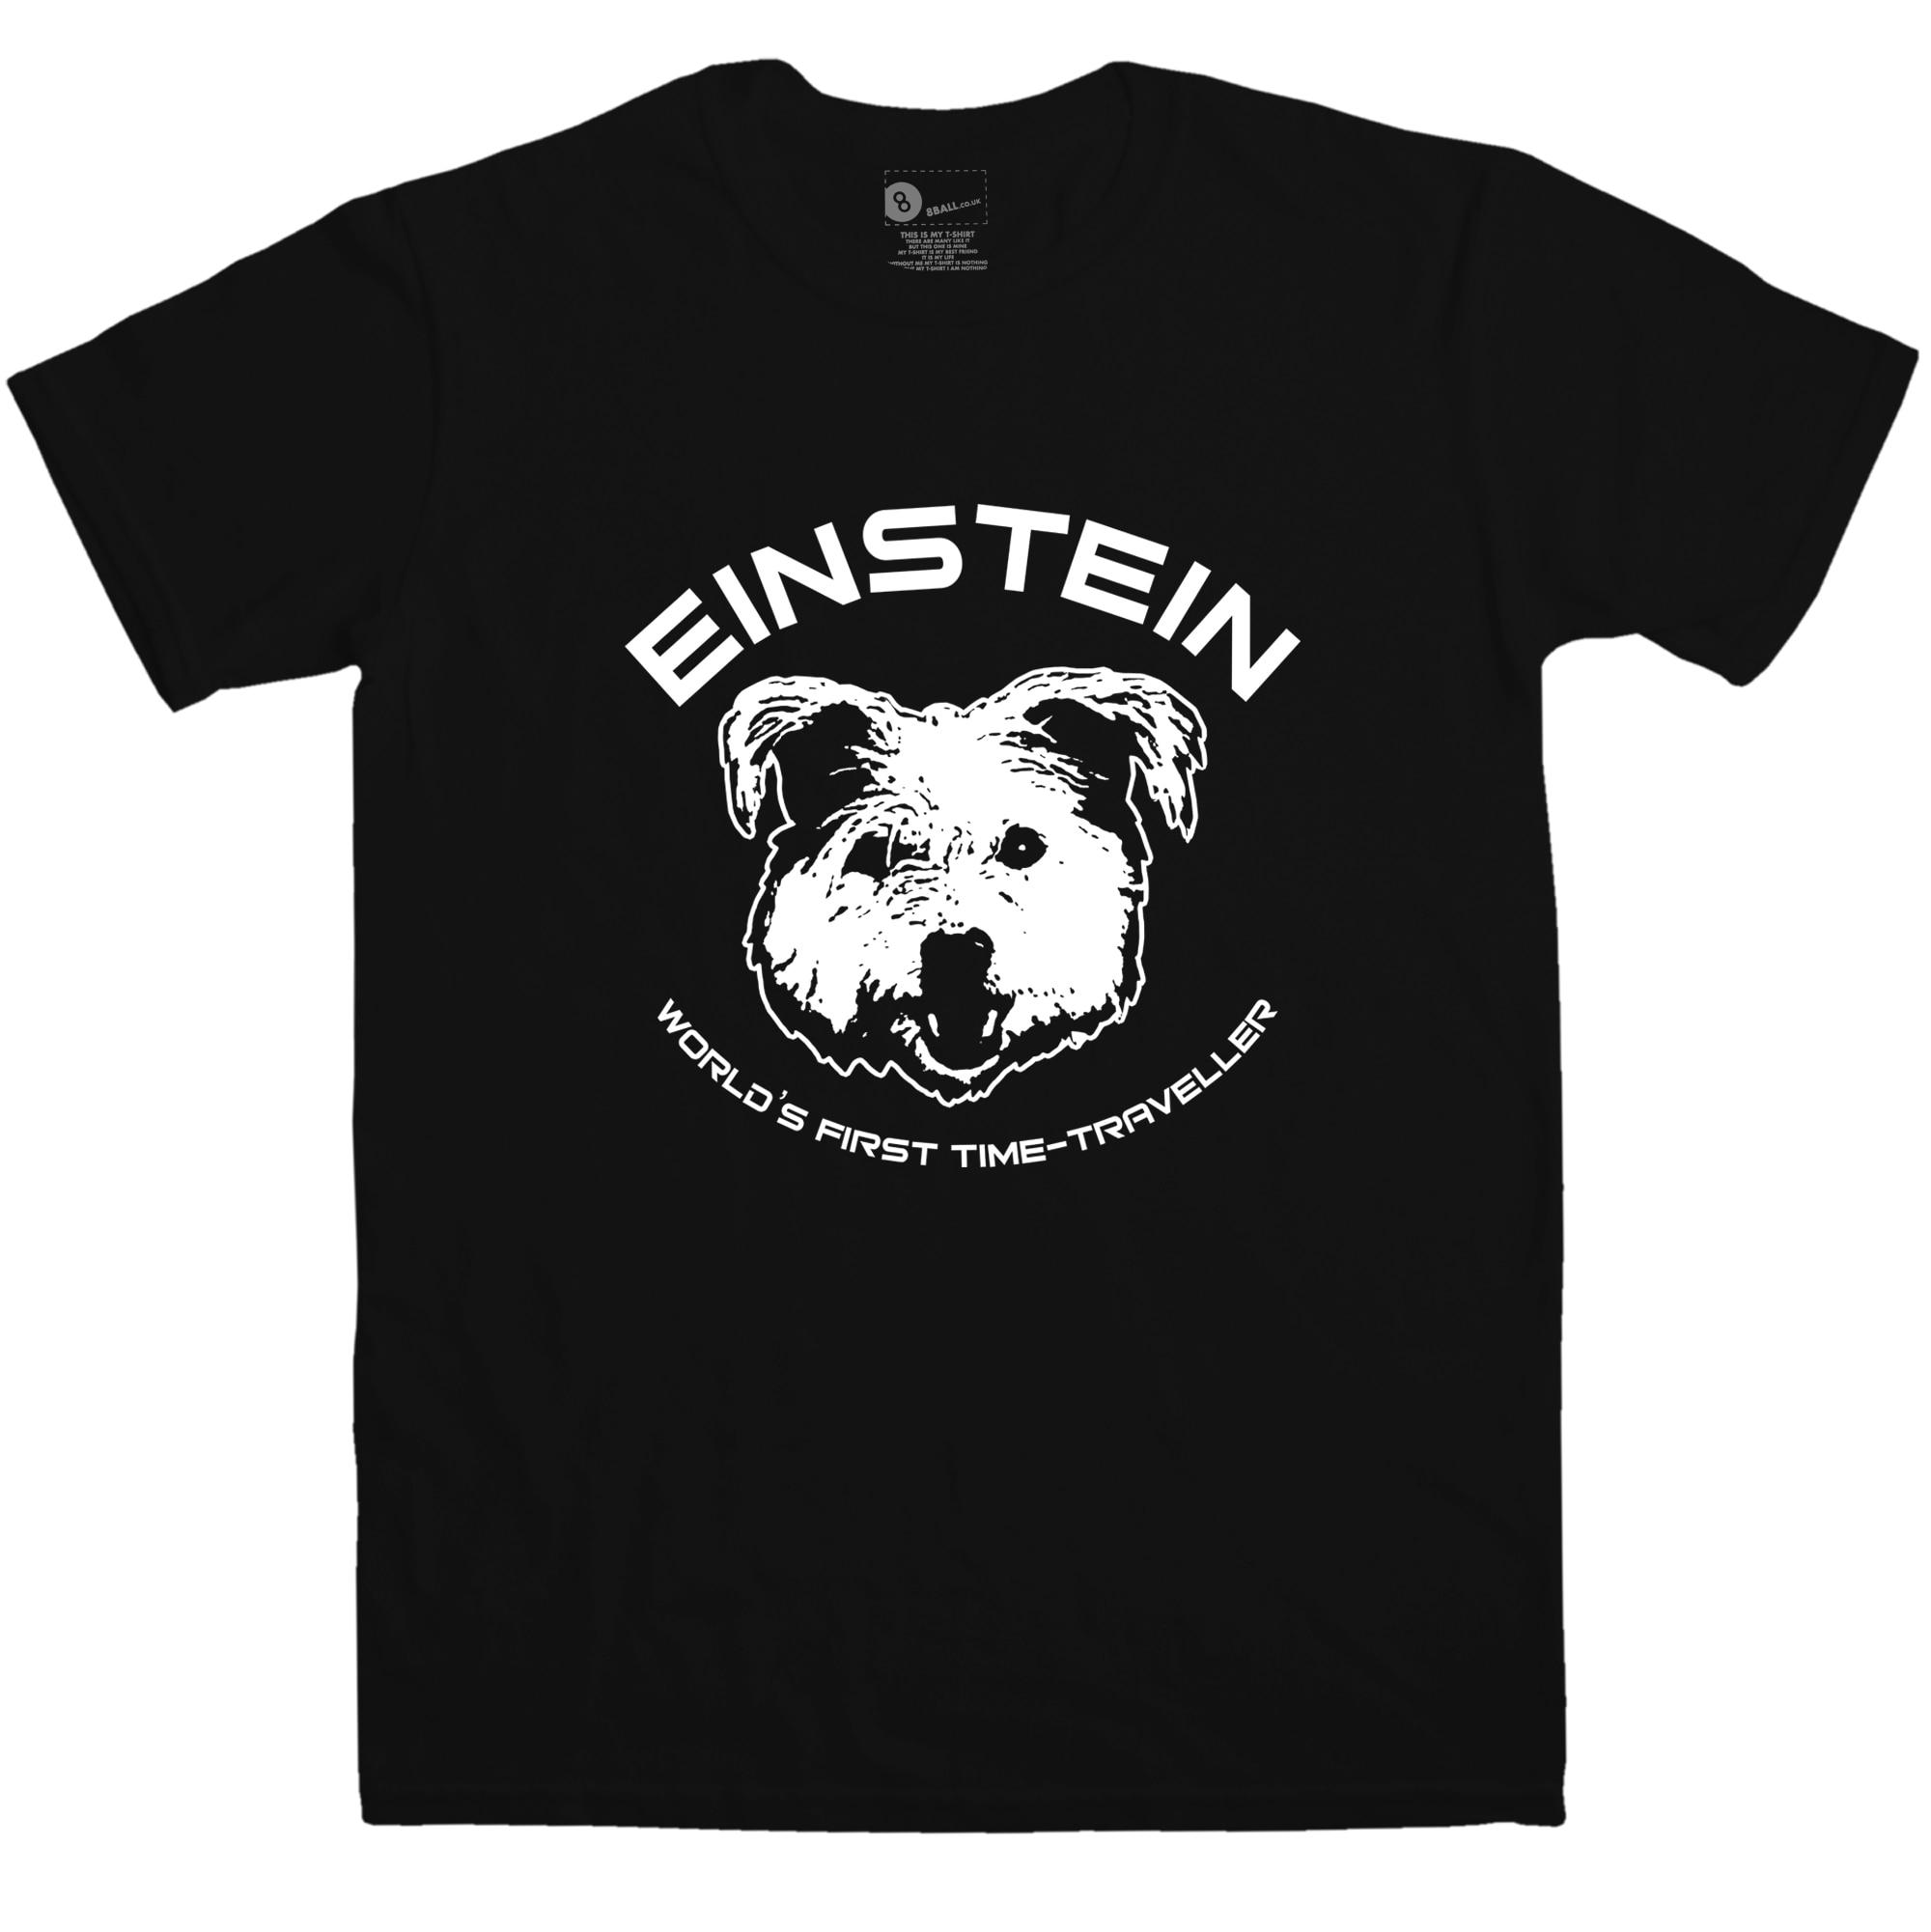 Футболка принт Повседневное Breaking Bad печати Футболка для 2017 Мужская футболка-Эйнштейн первый раз traveller